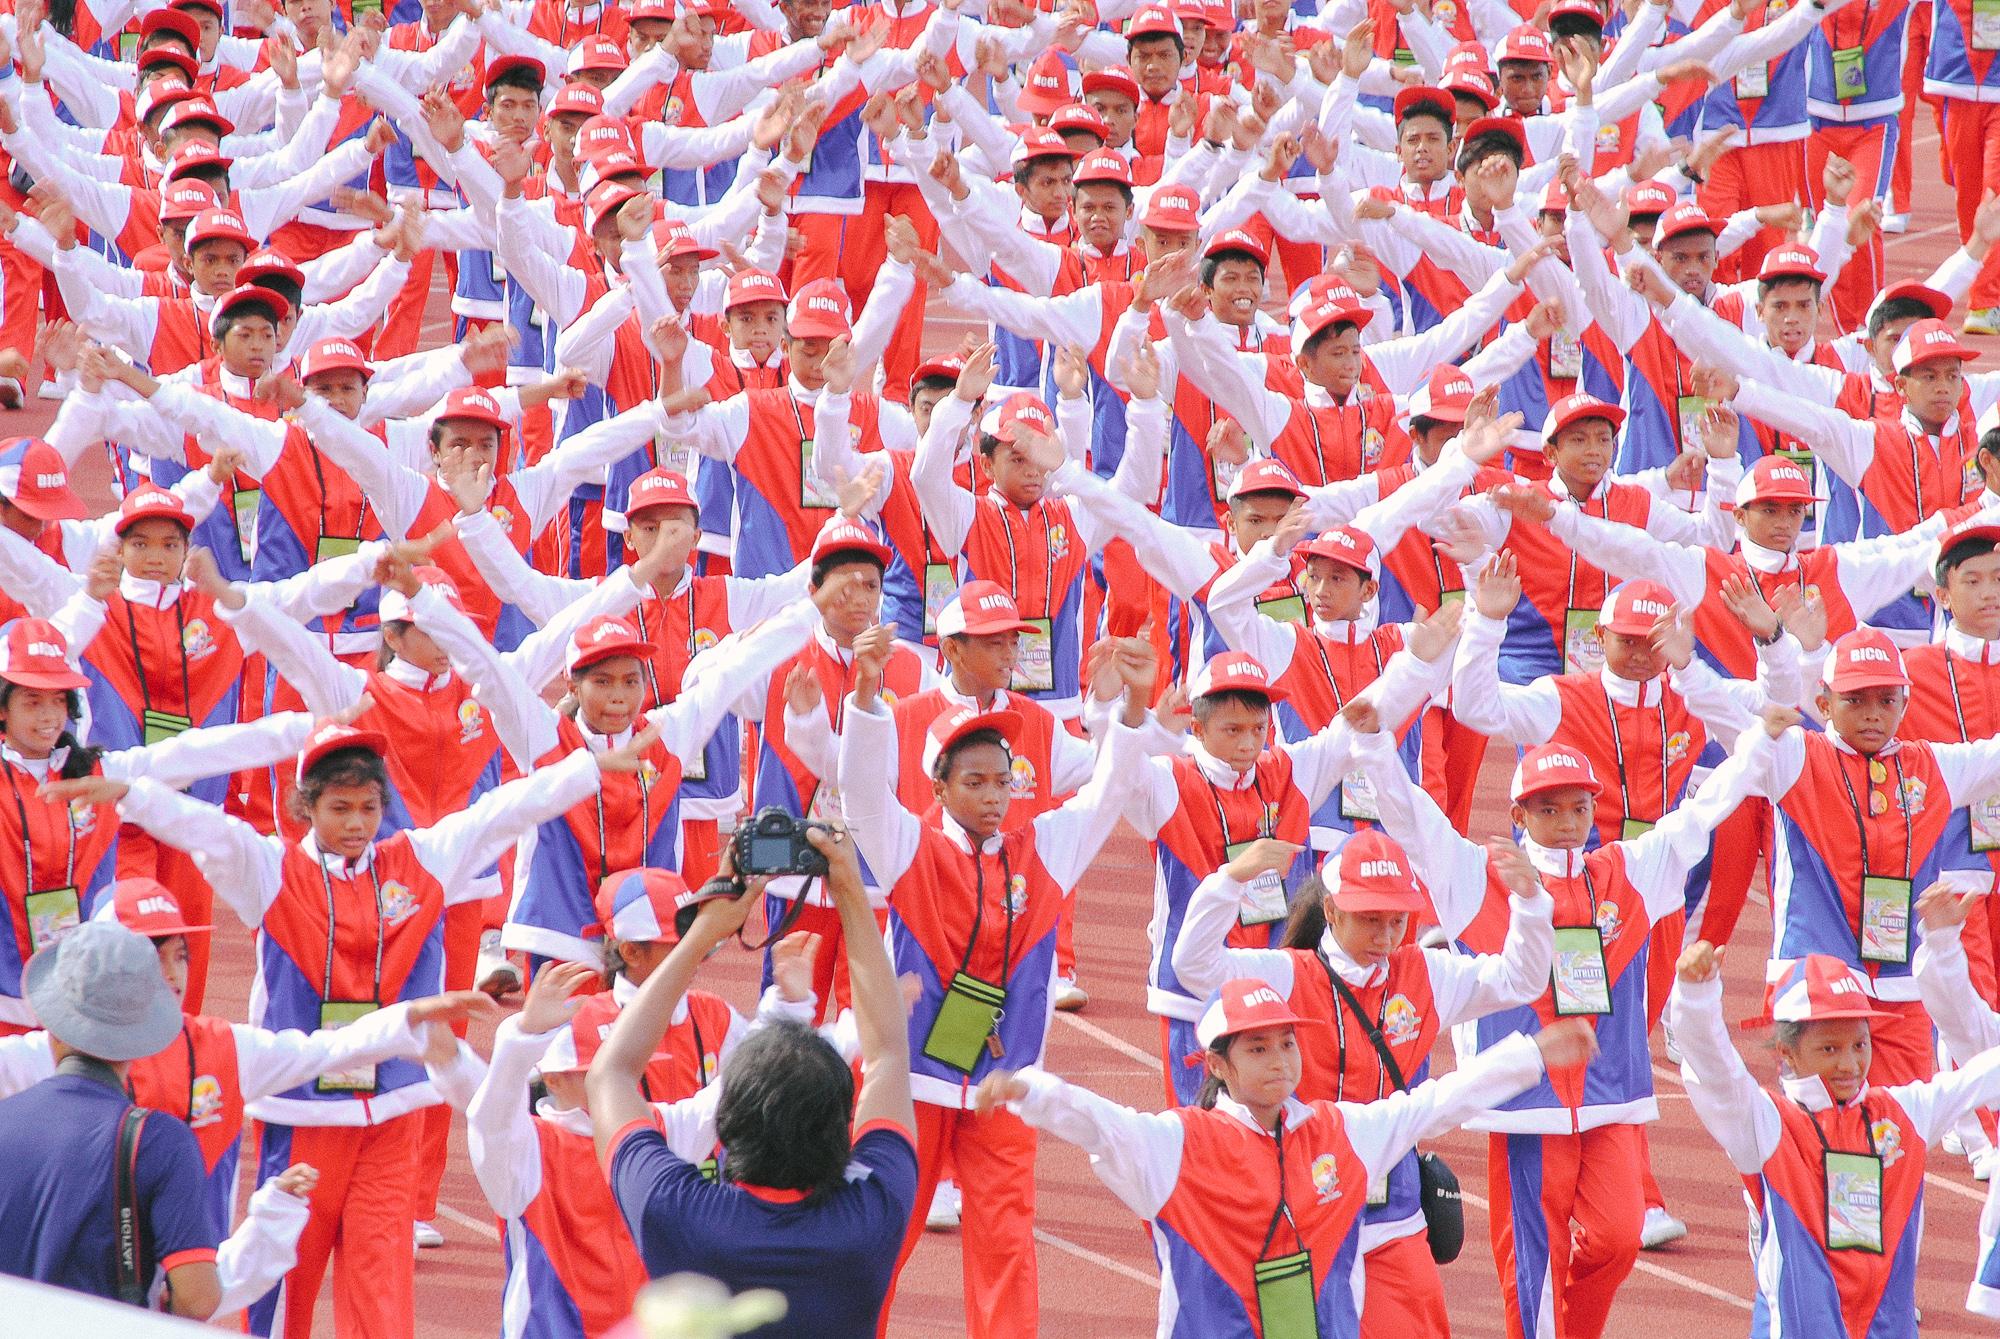 File:Bicol Region delegates during Palarong Pambansa 2015 Opening